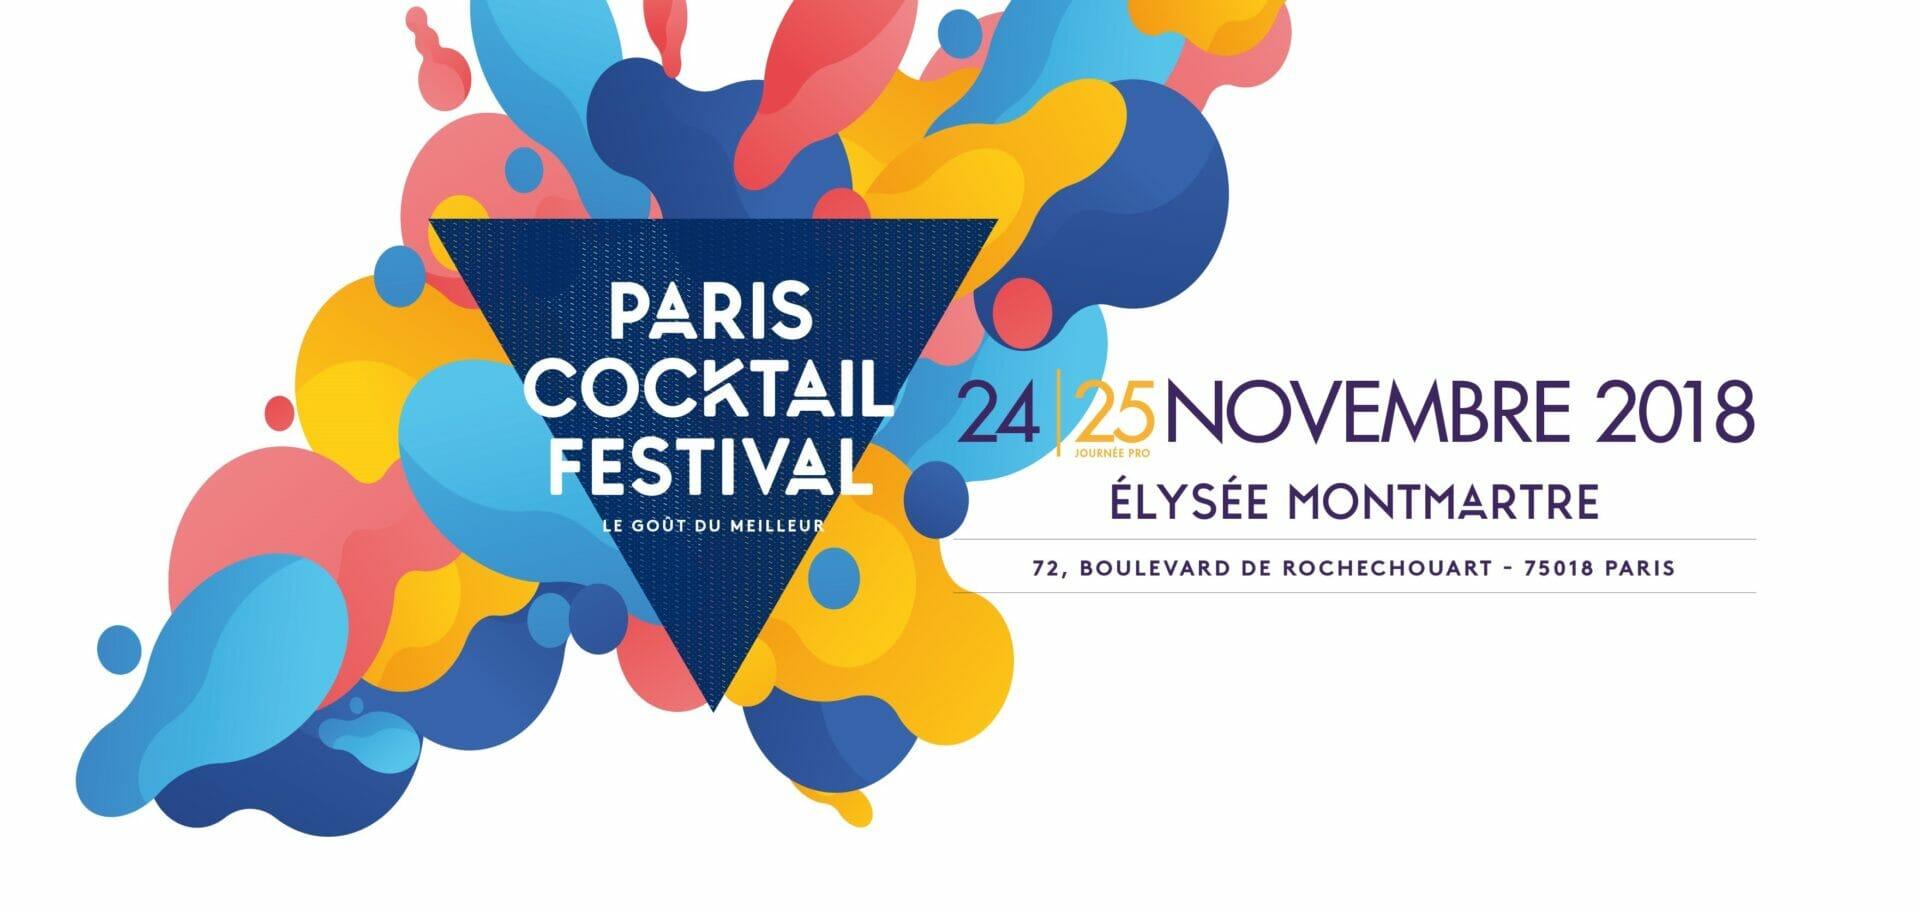 Paris Cocktail Festival 2018